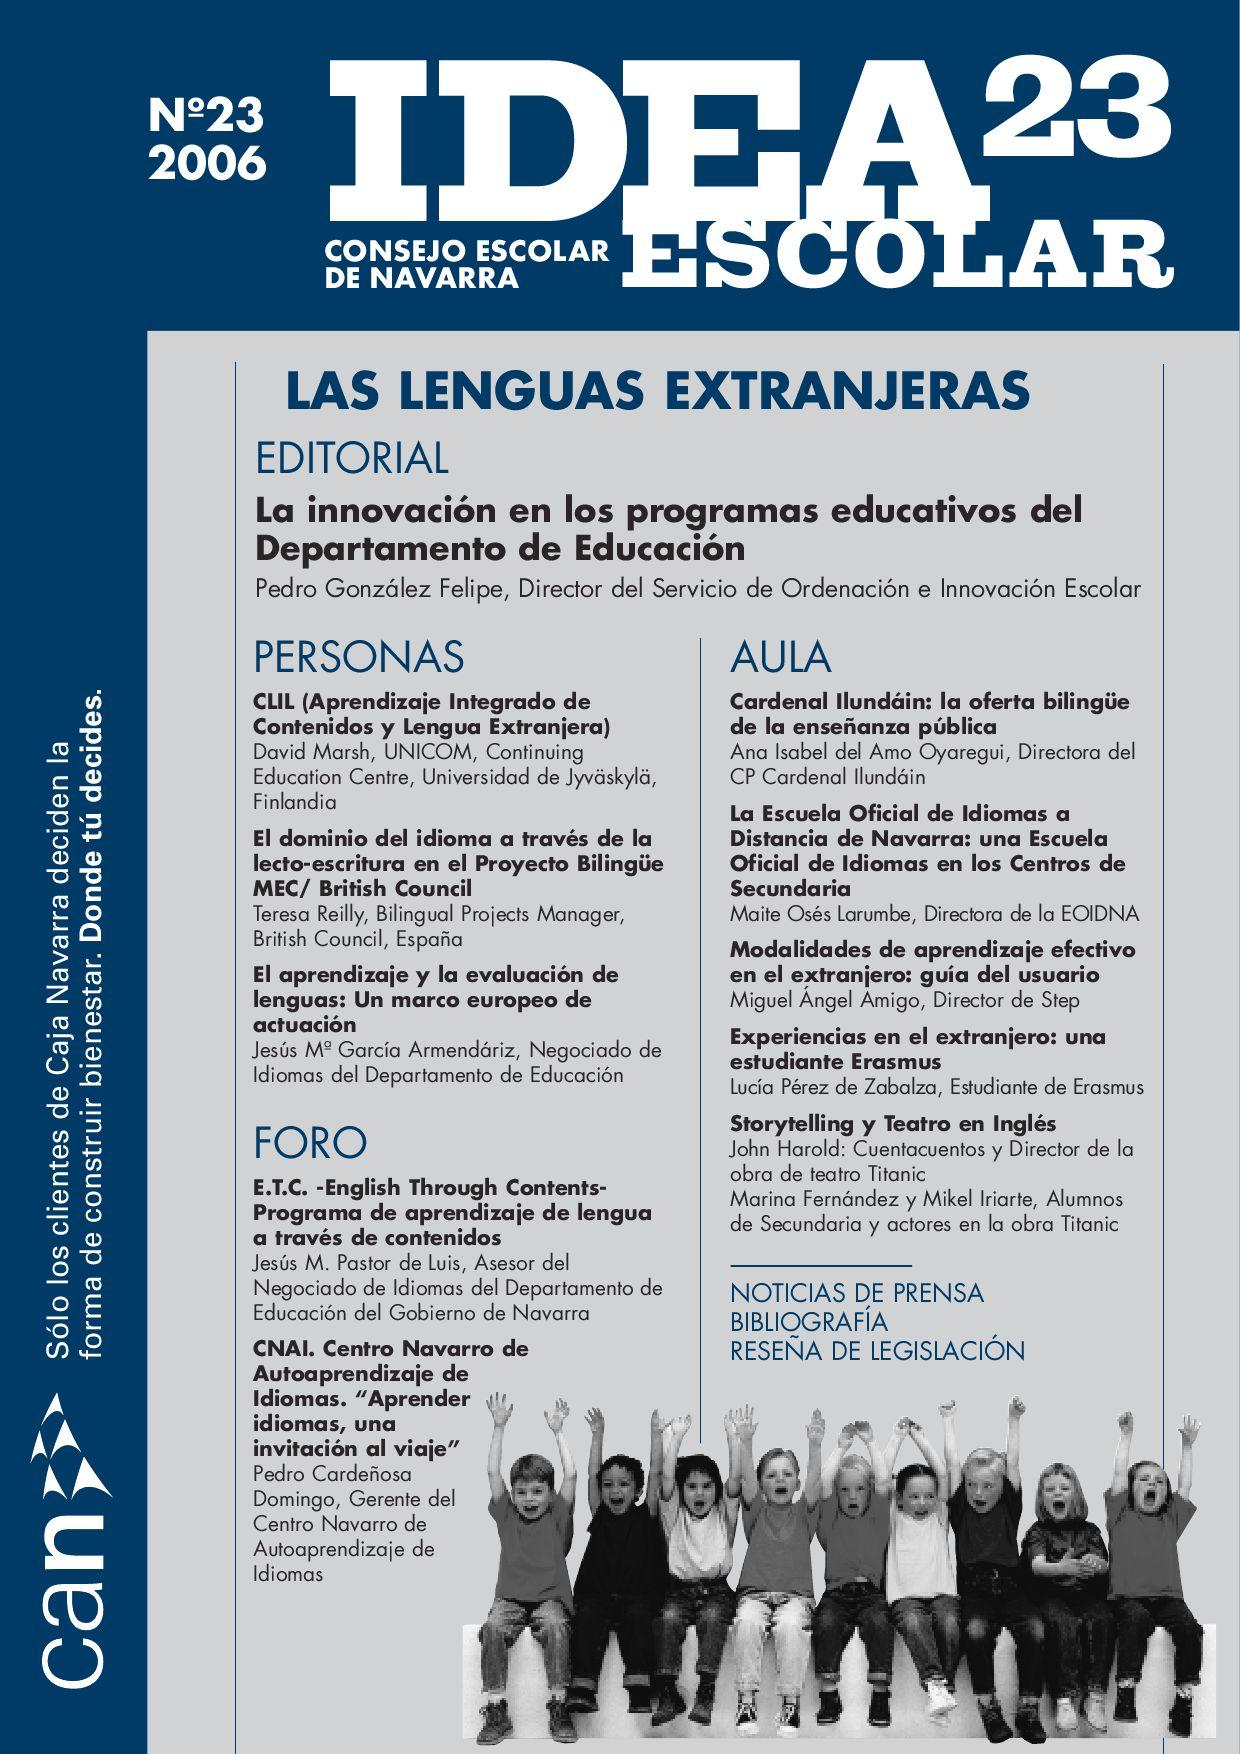 Las lenguas extranjeras by Consejo Escolar de Navarra CENavarra - issuu